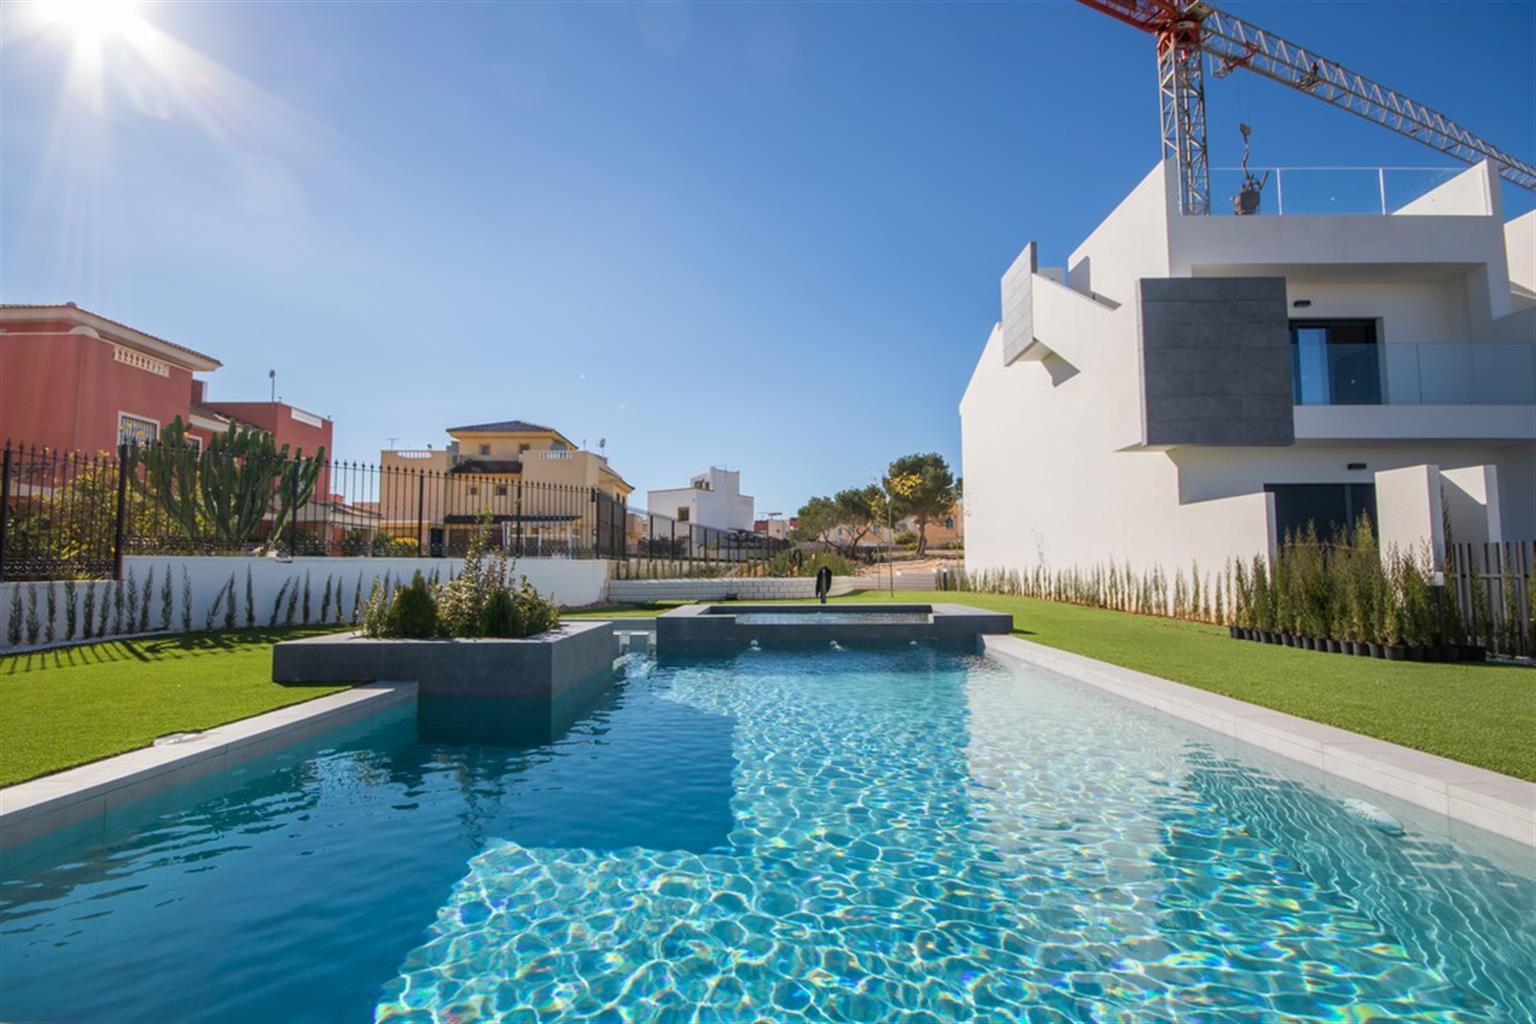 Appartement - Los Balcones  - #4231453-23